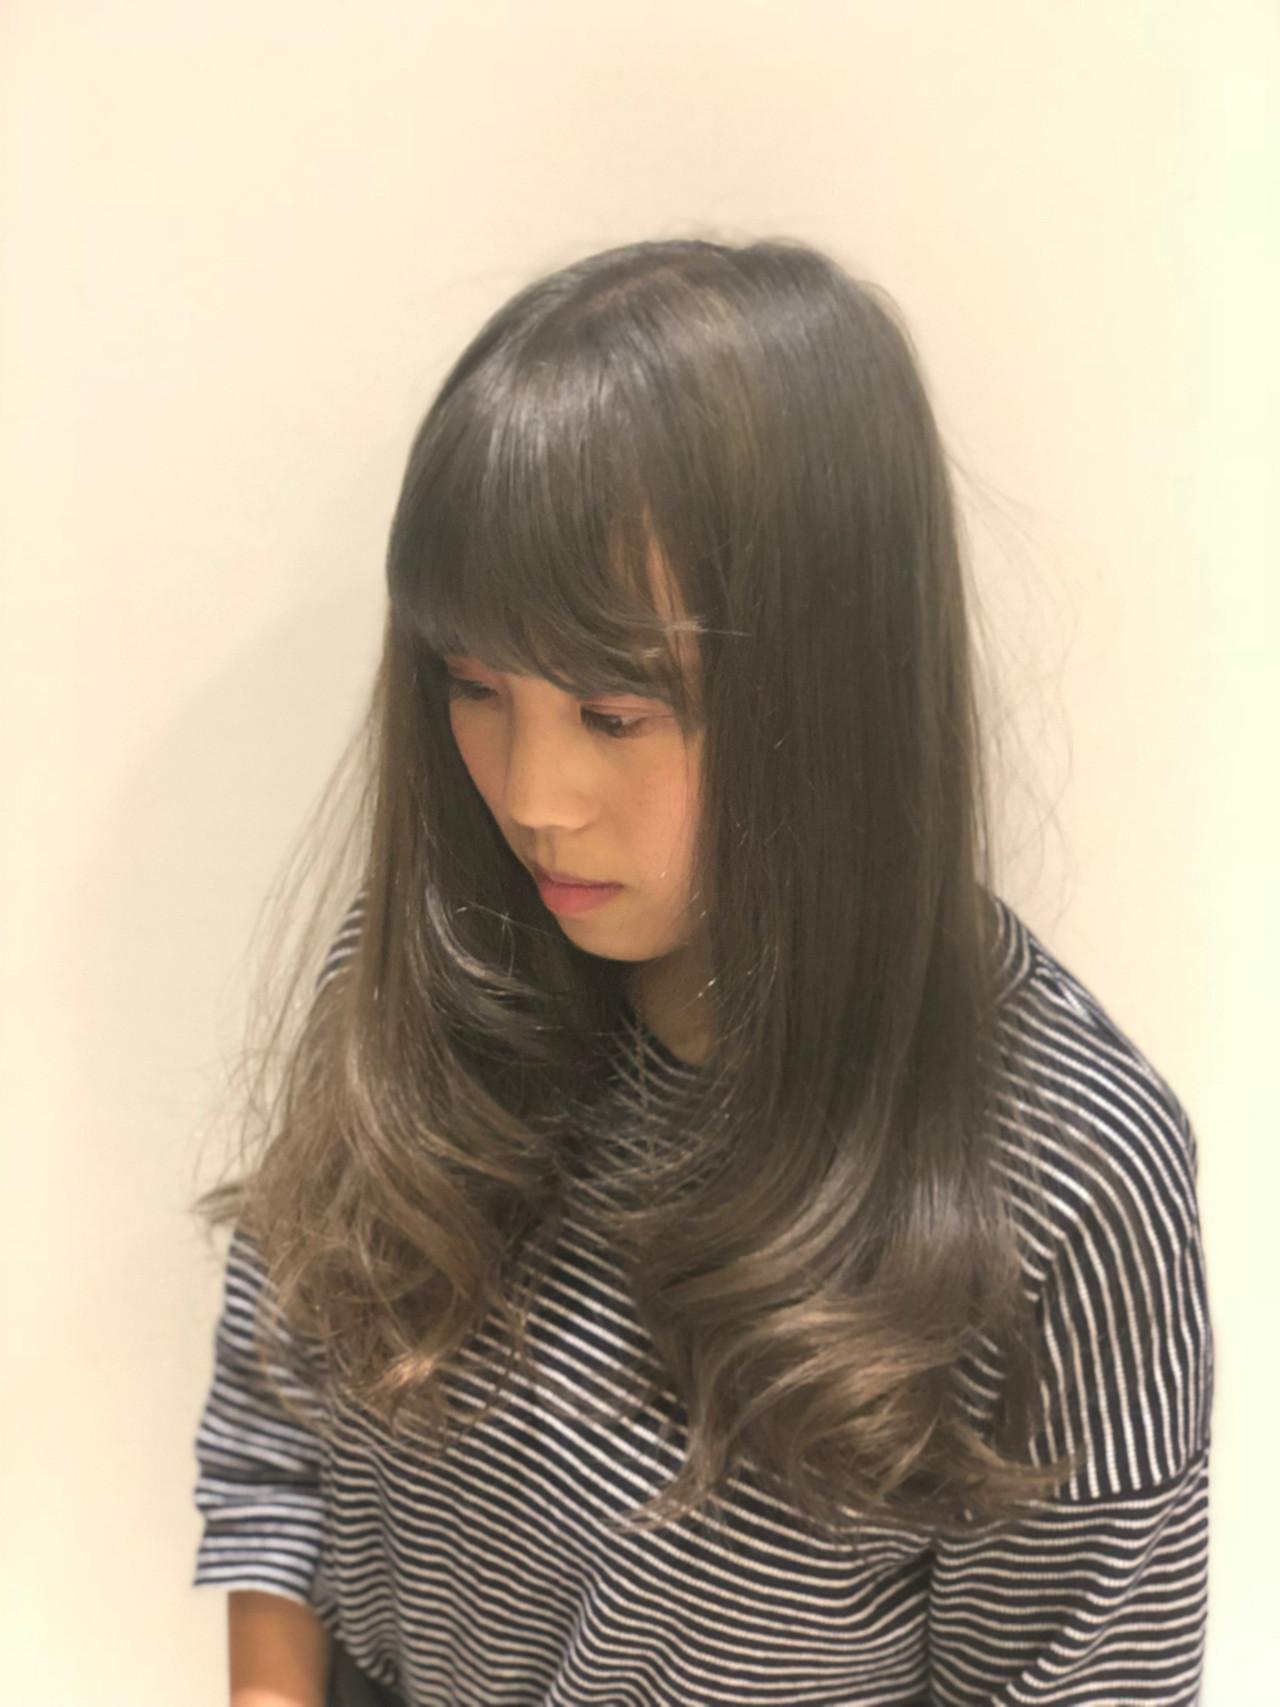 ナチュラル 暗髪 セミロング ヘアアレンジ ヘアスタイルや髪型の写真・画像 | Akira Koikeda / earth 北小金